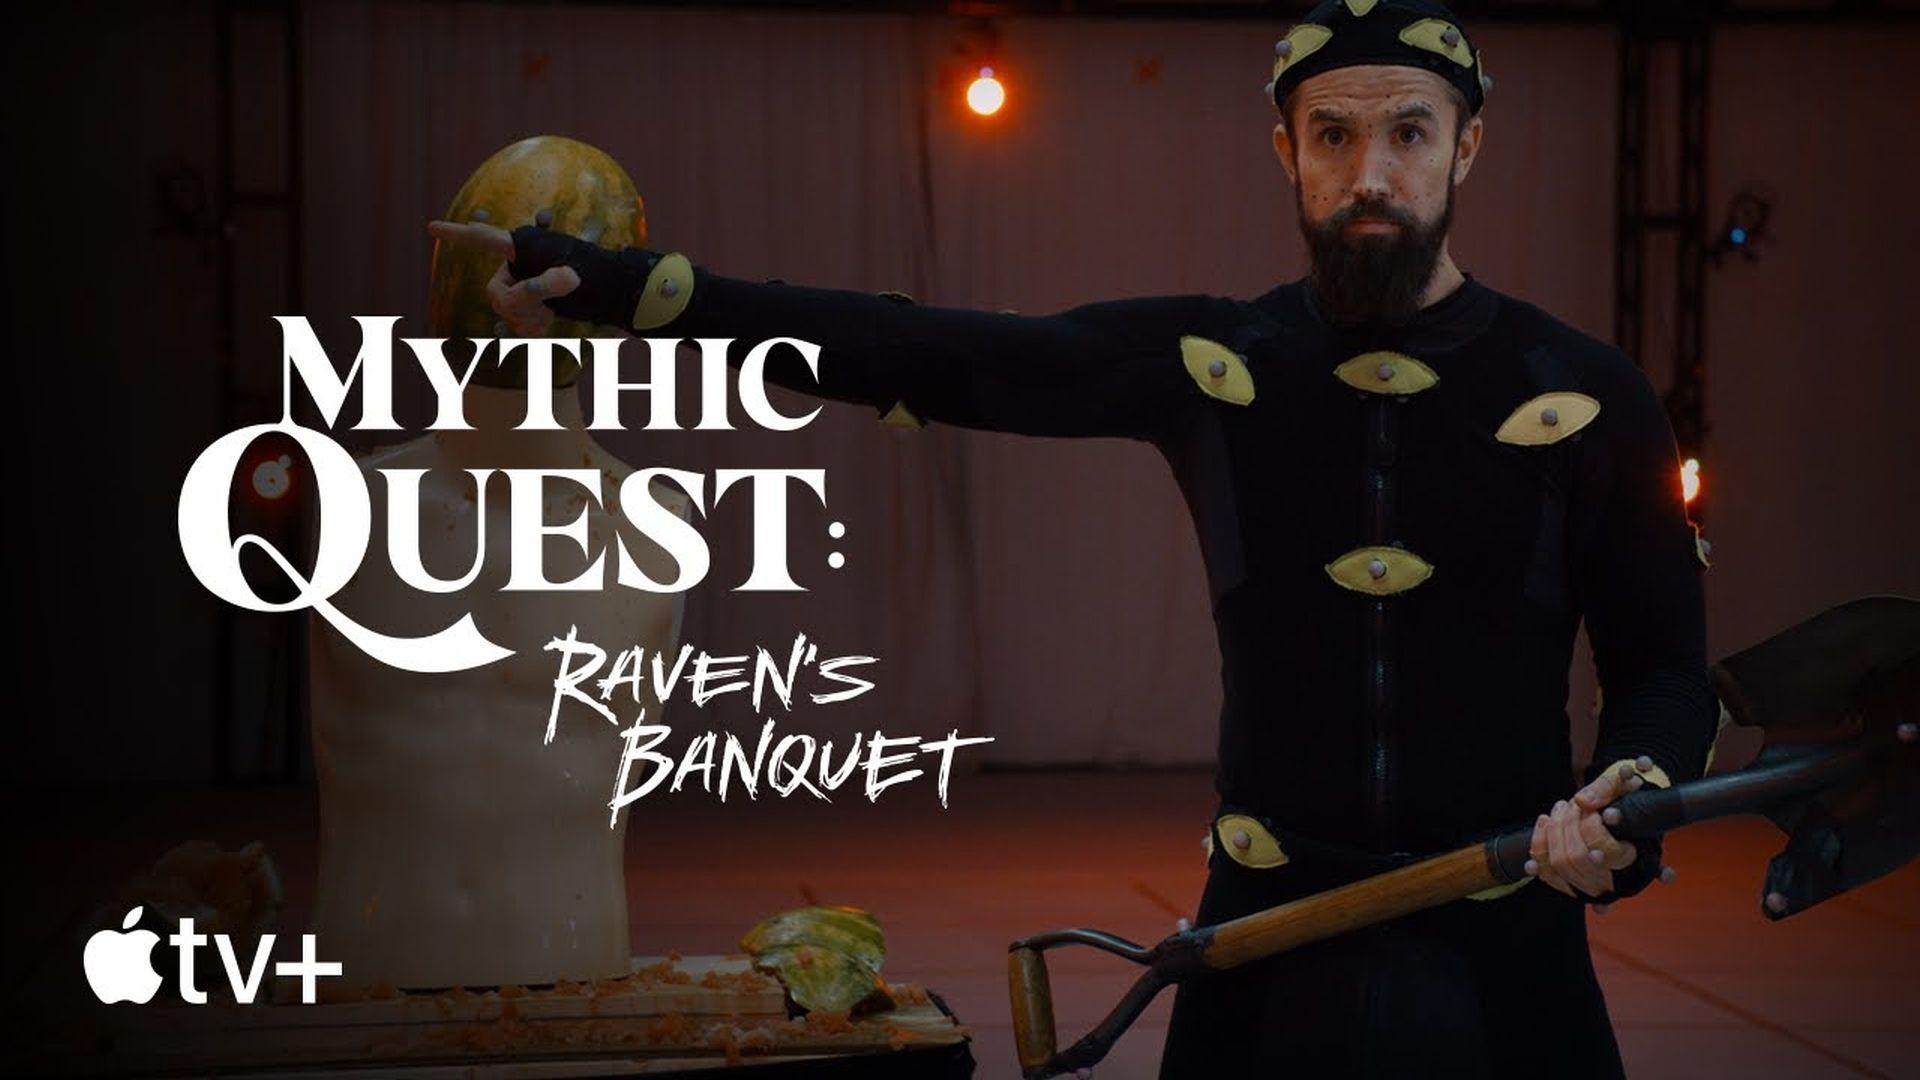 Firma Apple dodała nowy zwiastun serialu komediowego Mythic Quest